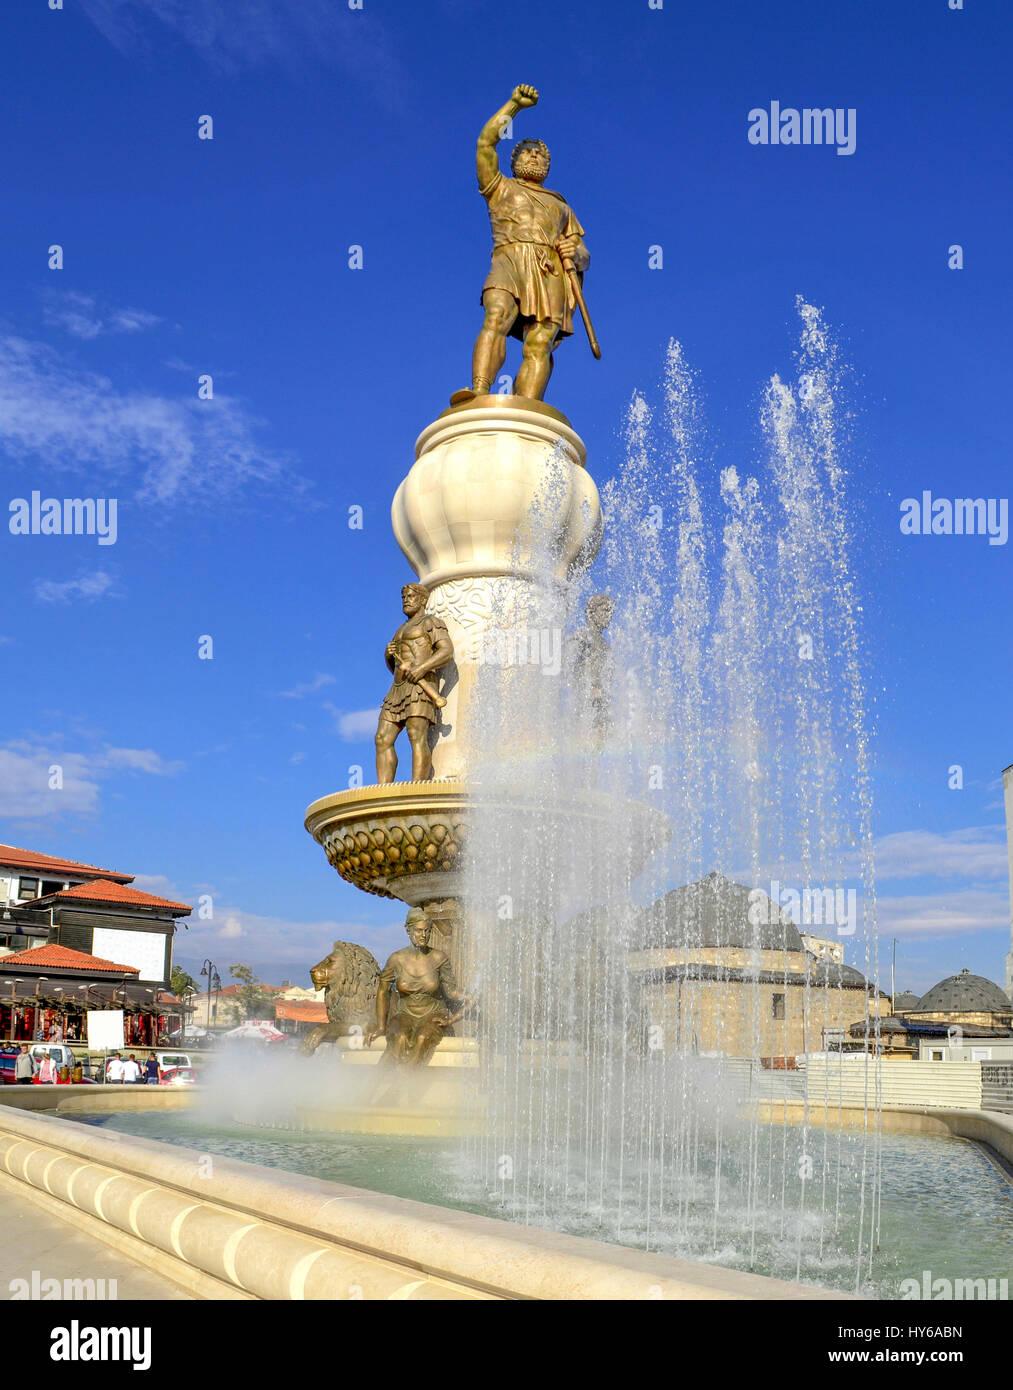 Philip II of Macedon, Skopje, Macedonia - Stock Image